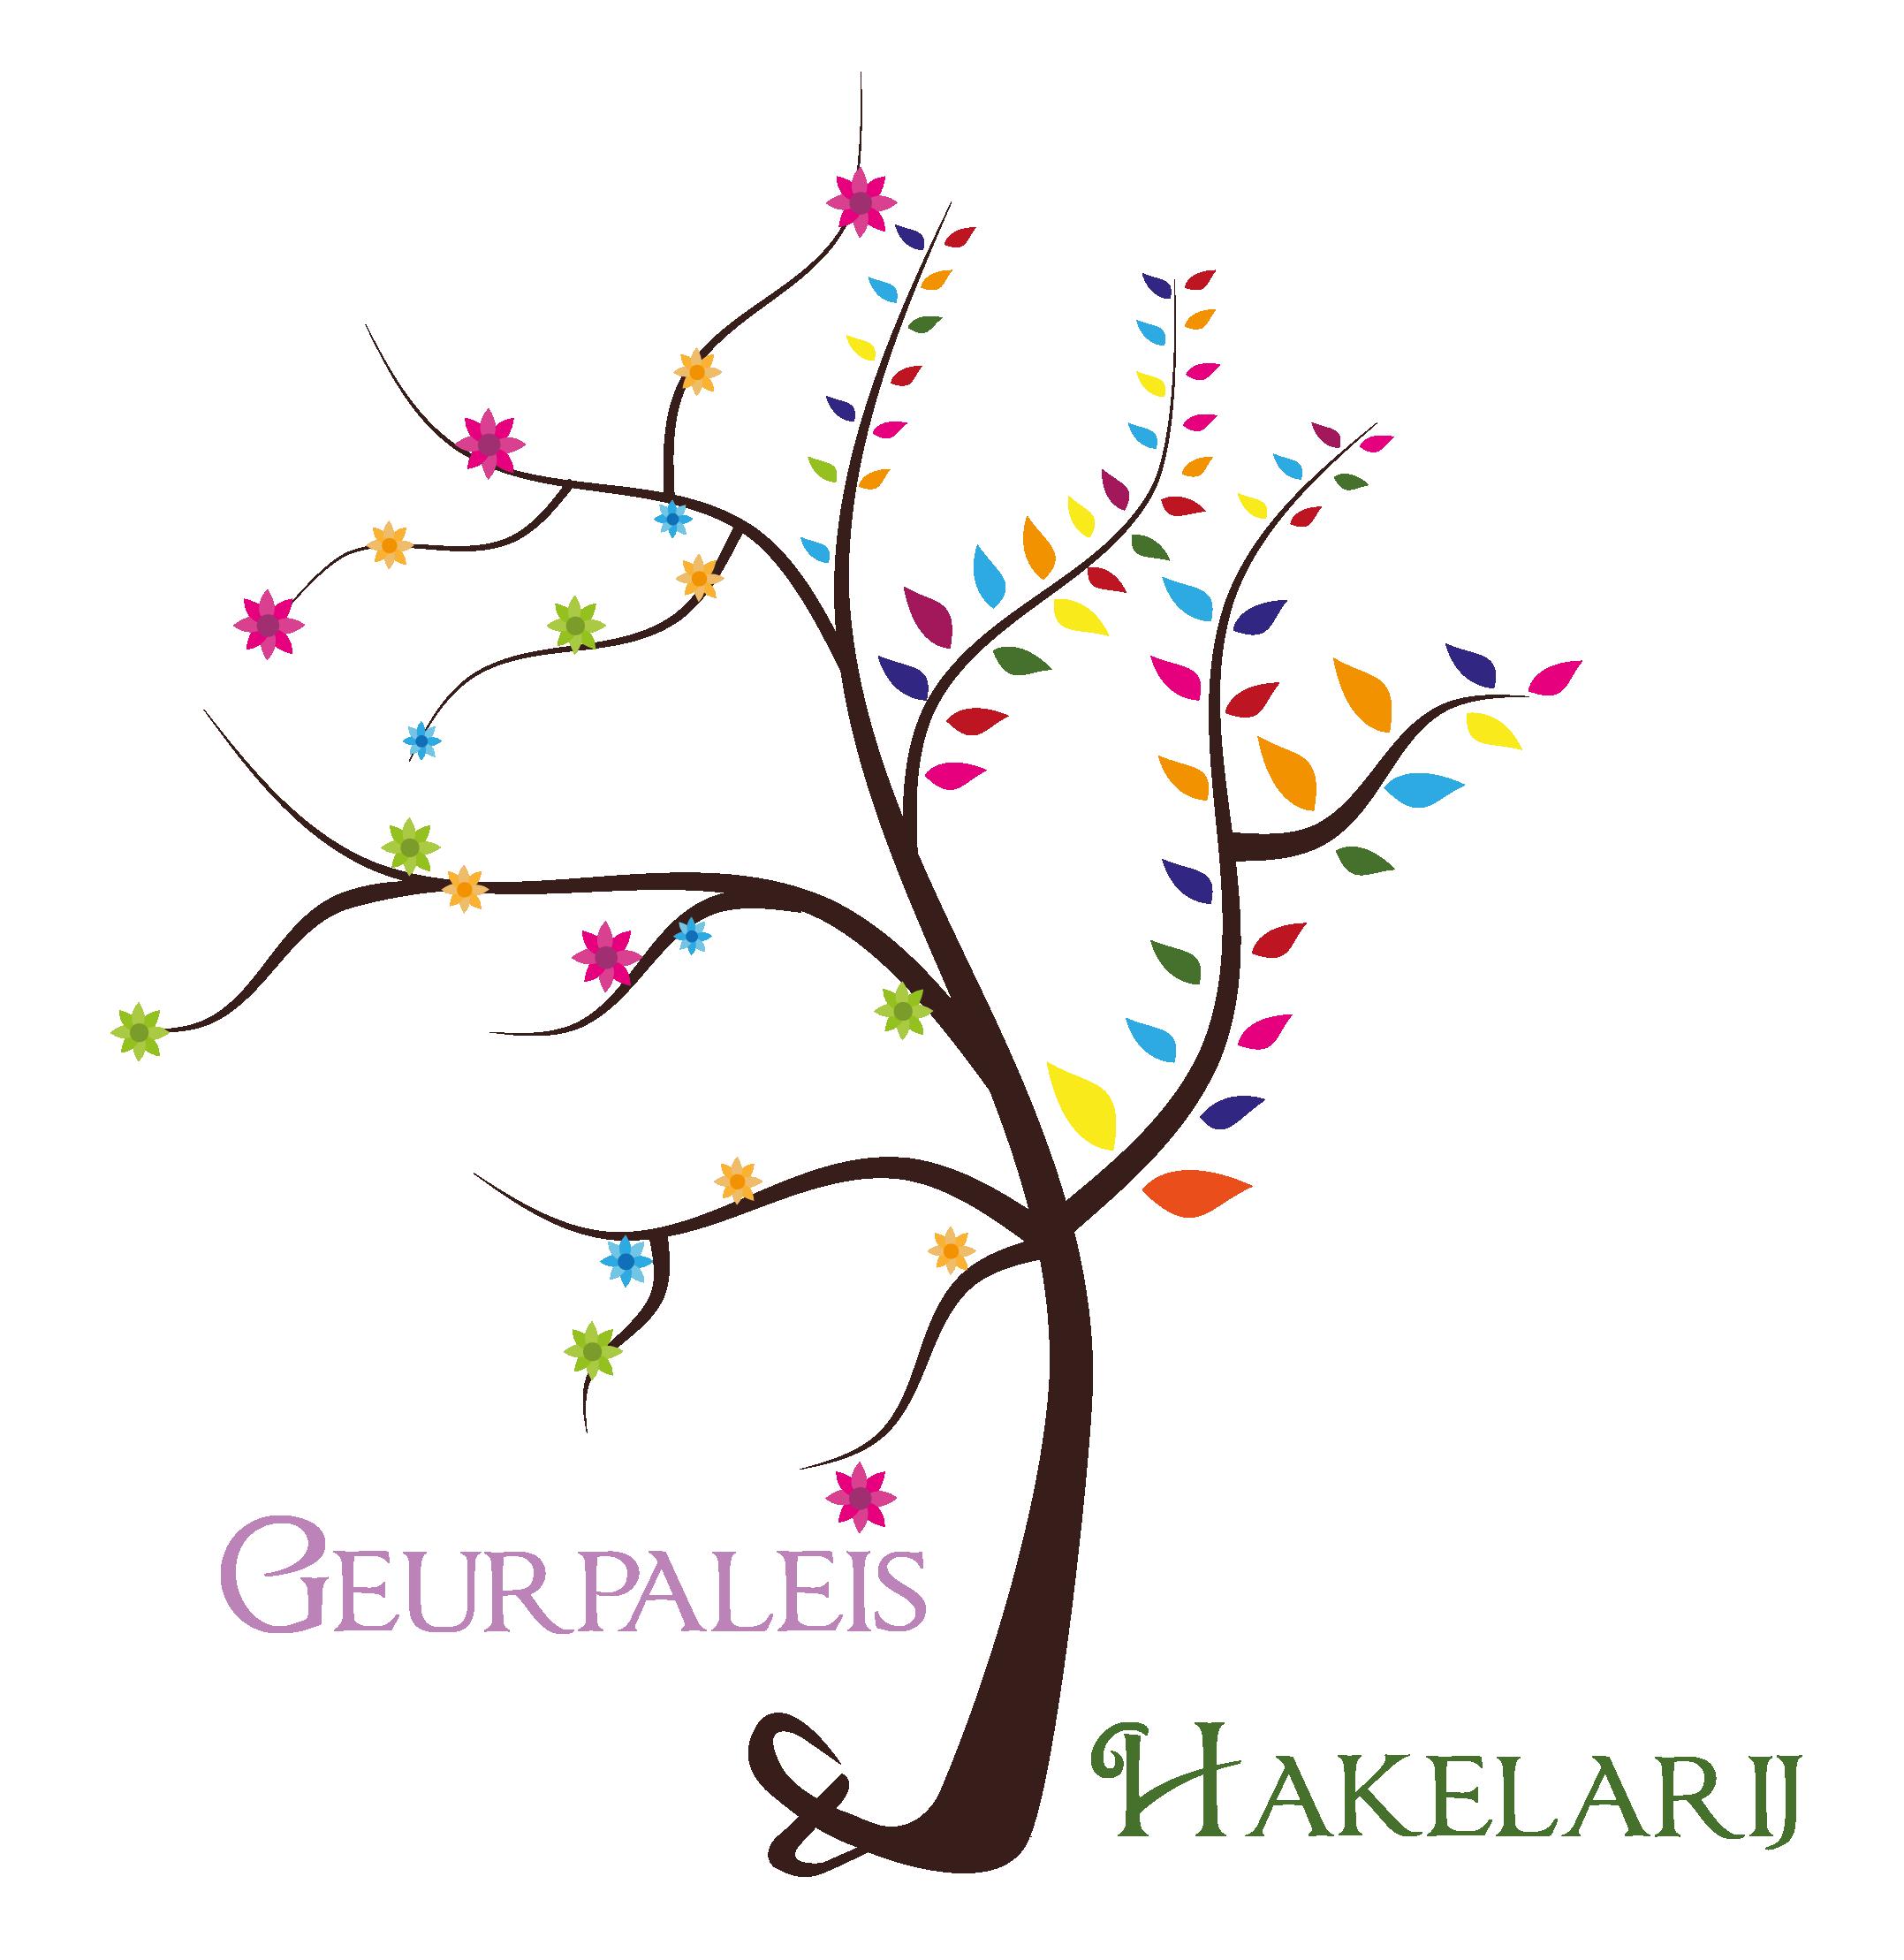 logo Geurpaleis & Hakelarij